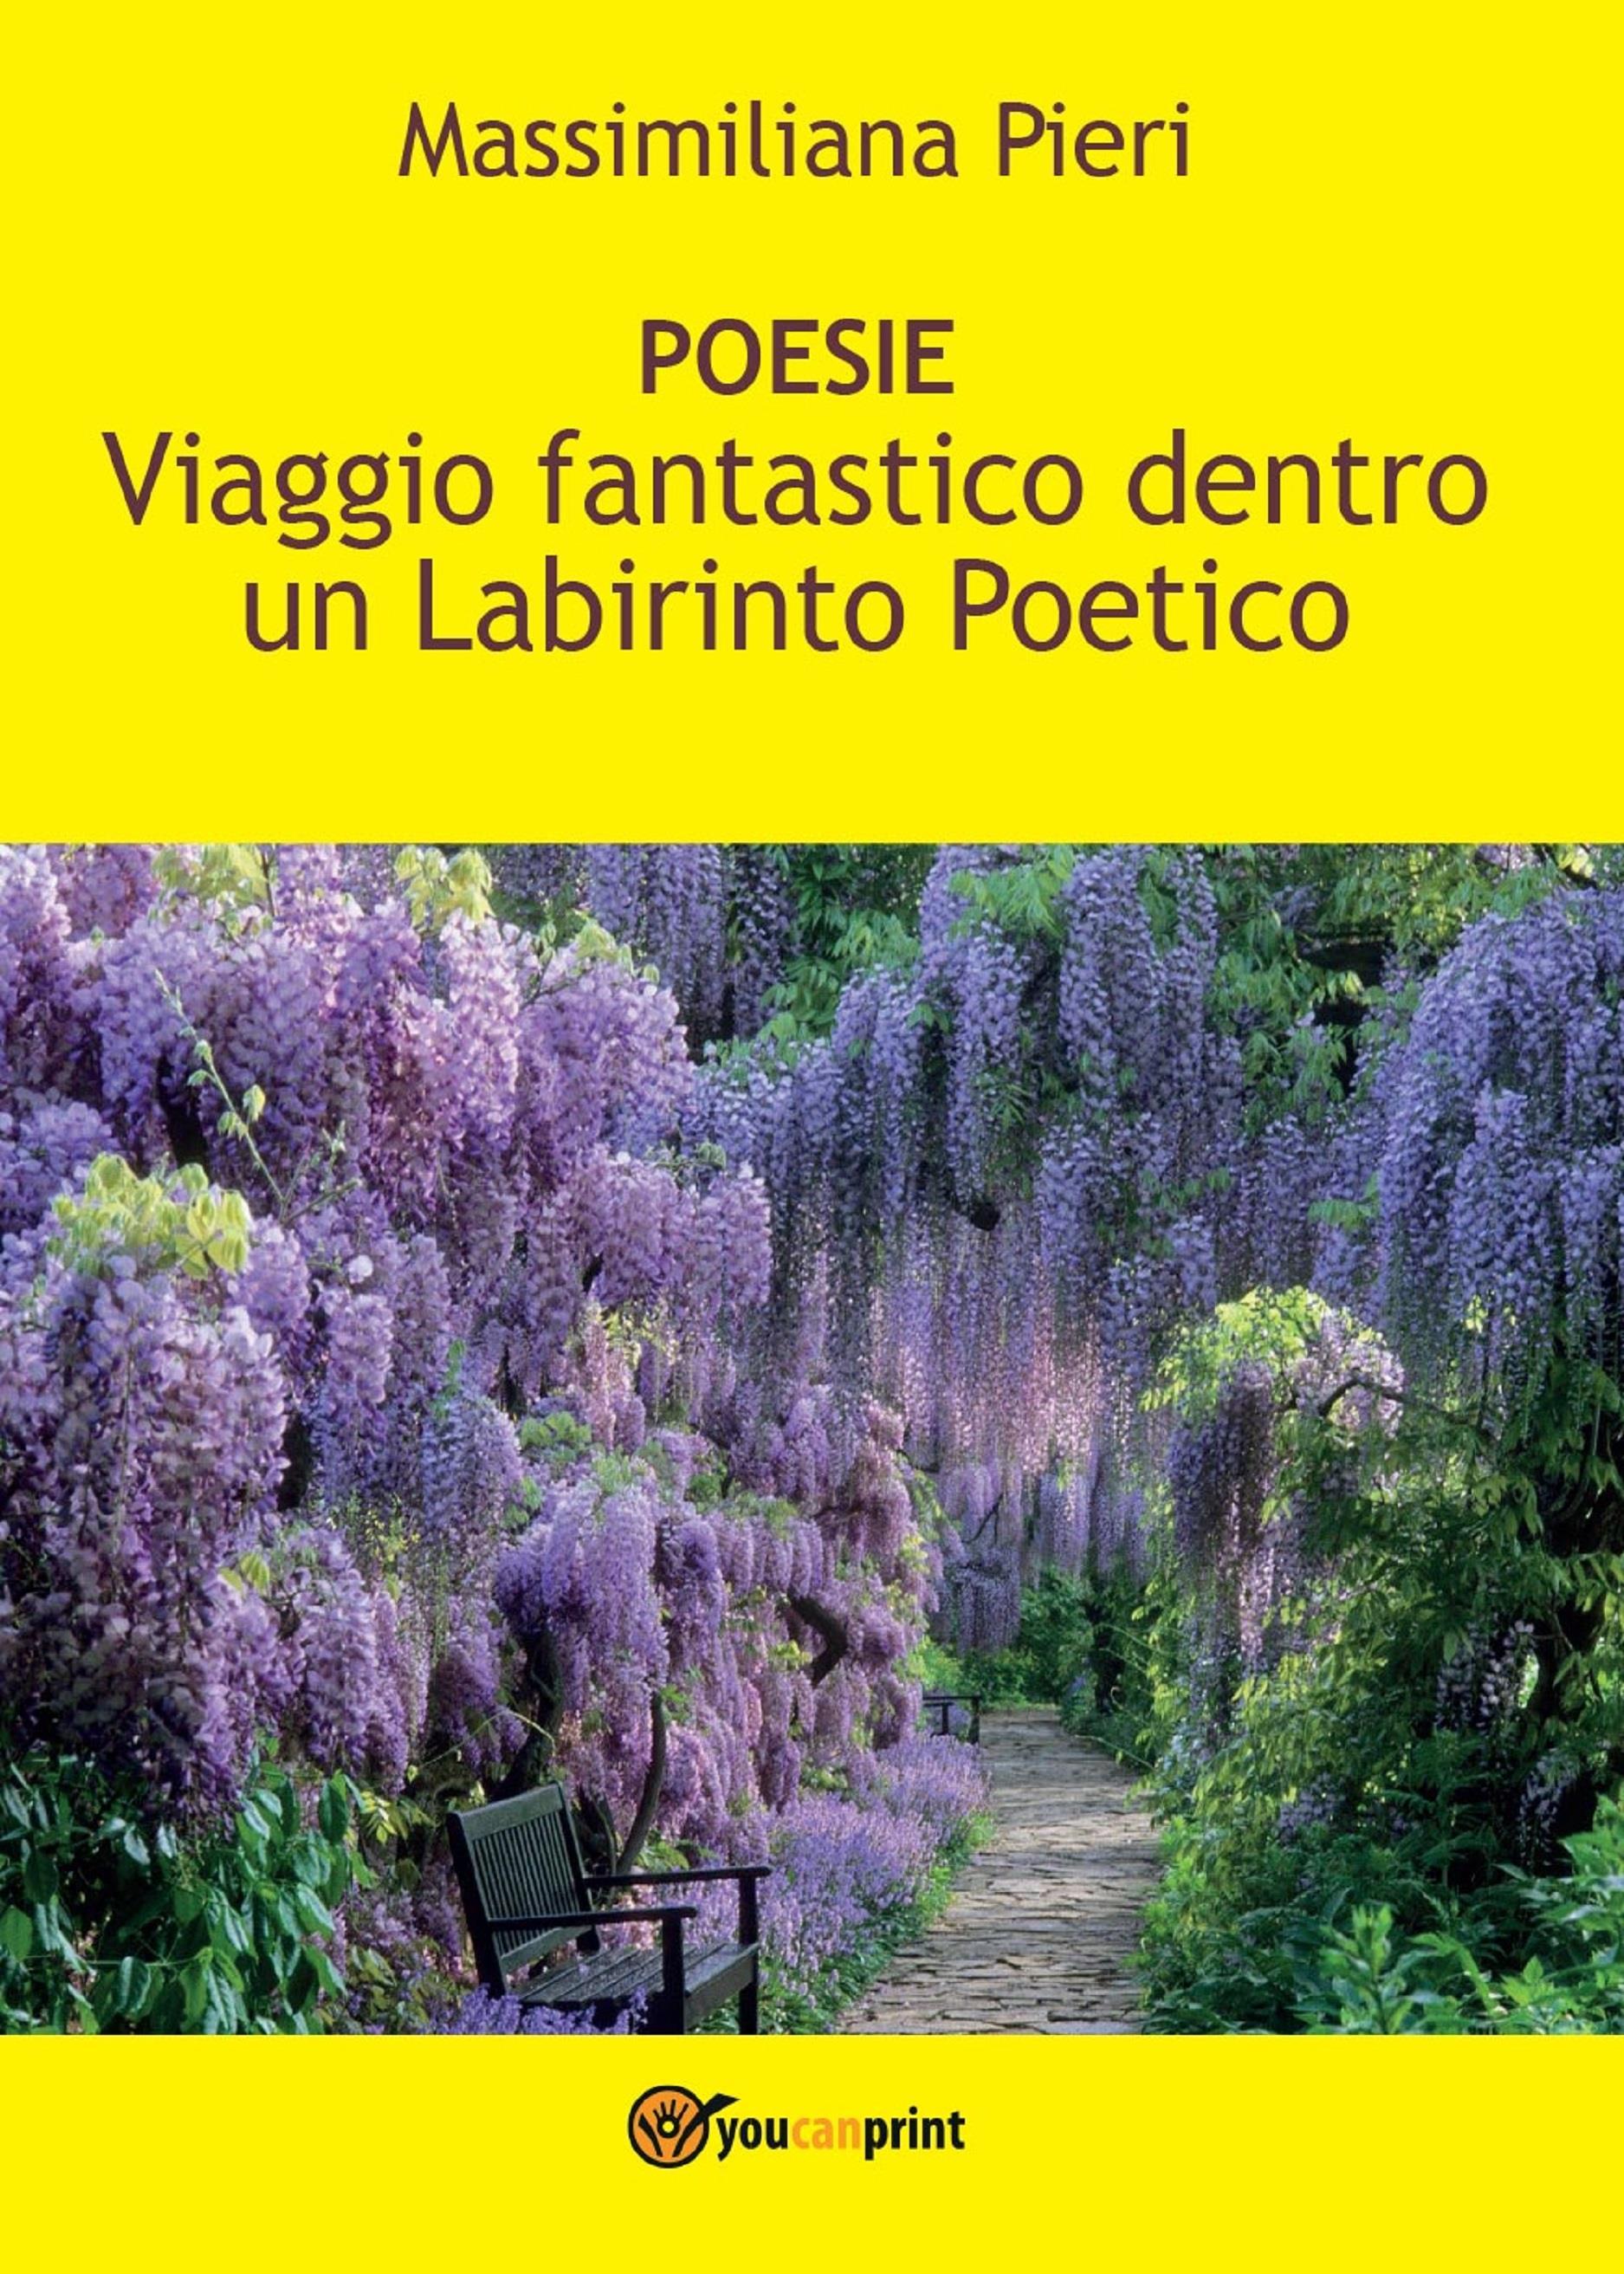 Viaggio fantastico Dentro un Labirinto Poetico